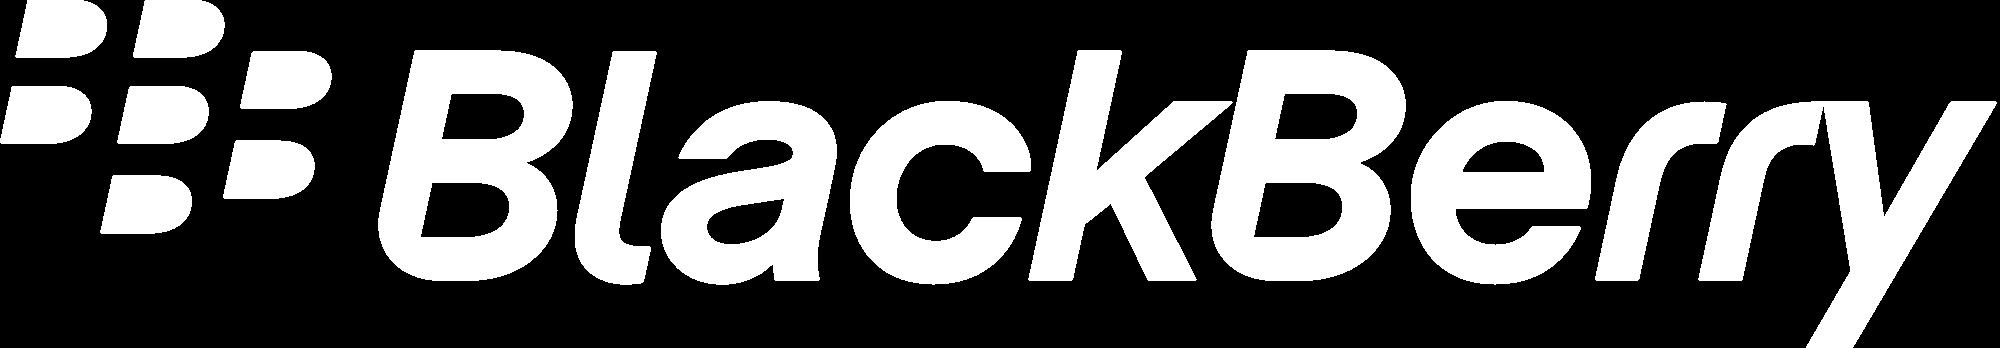 Blackberry White logo